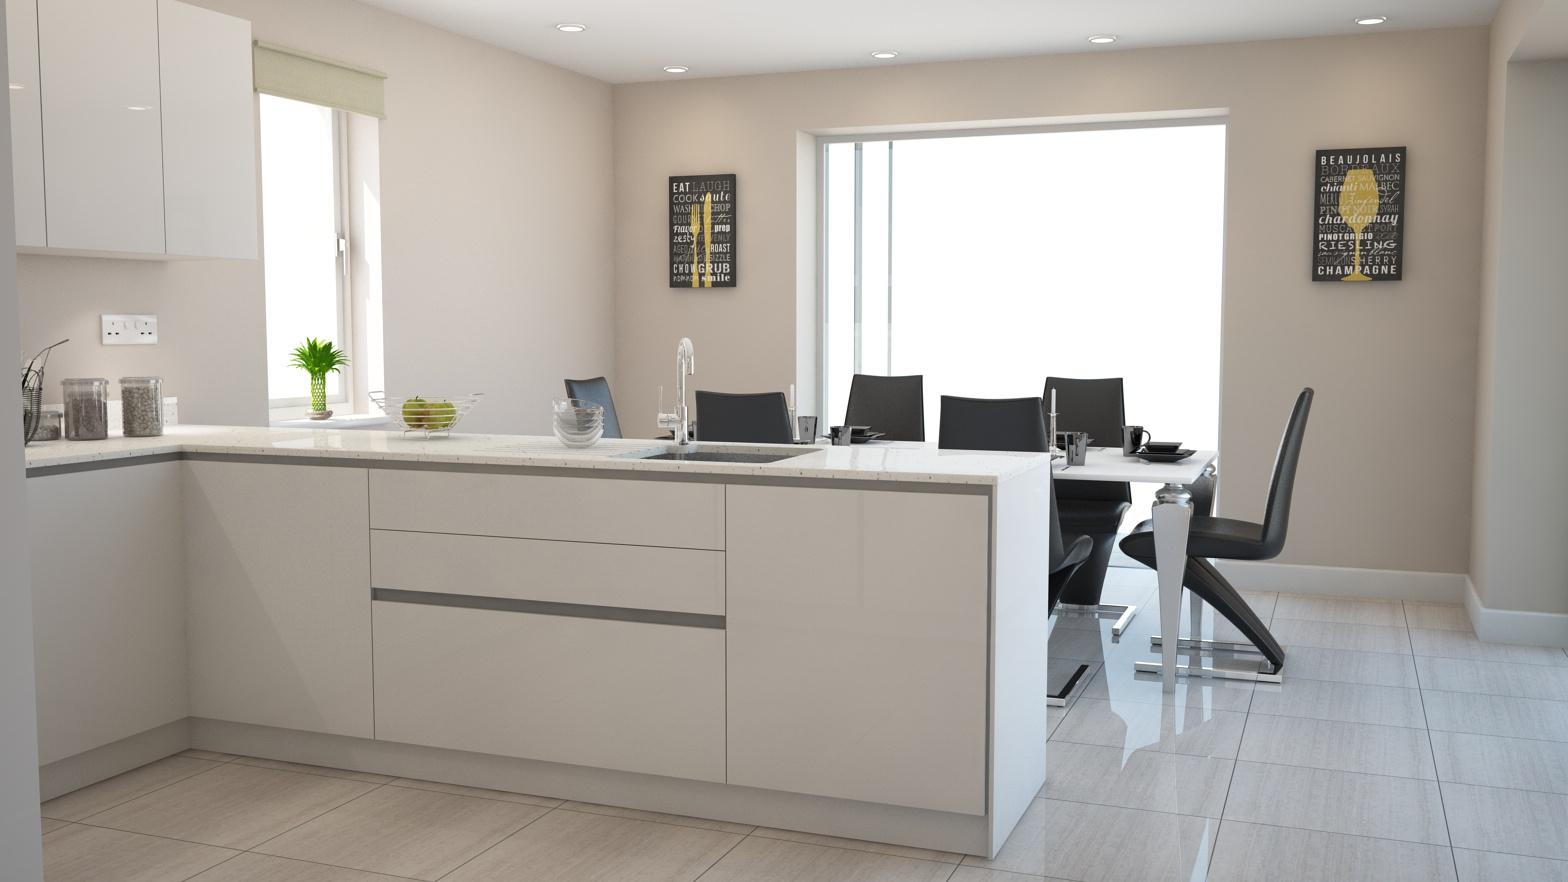 Larnaca house kitchen v1